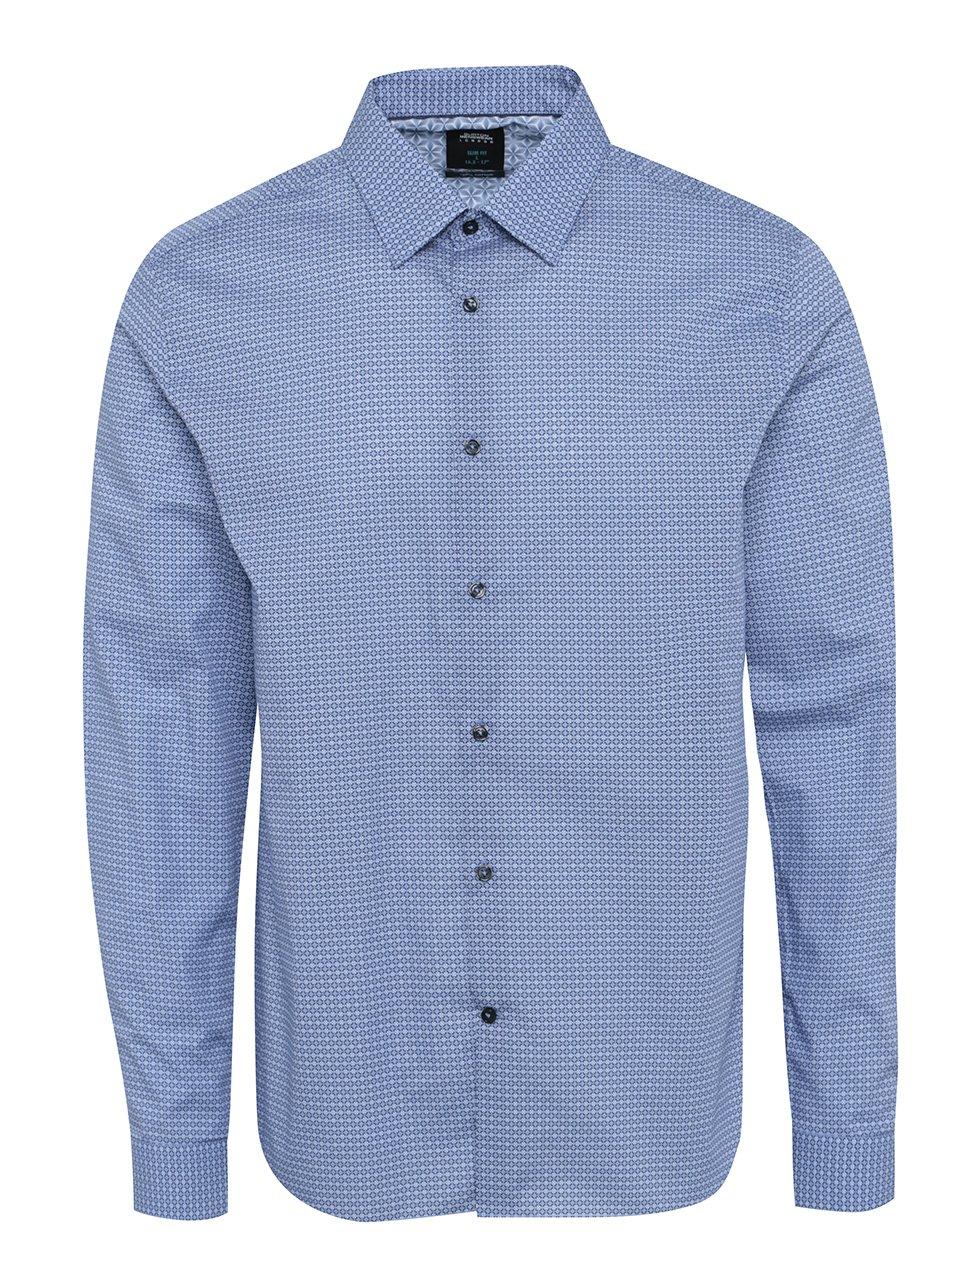 Modrá vzorovaná formální slim fit košile Burton Menswear London